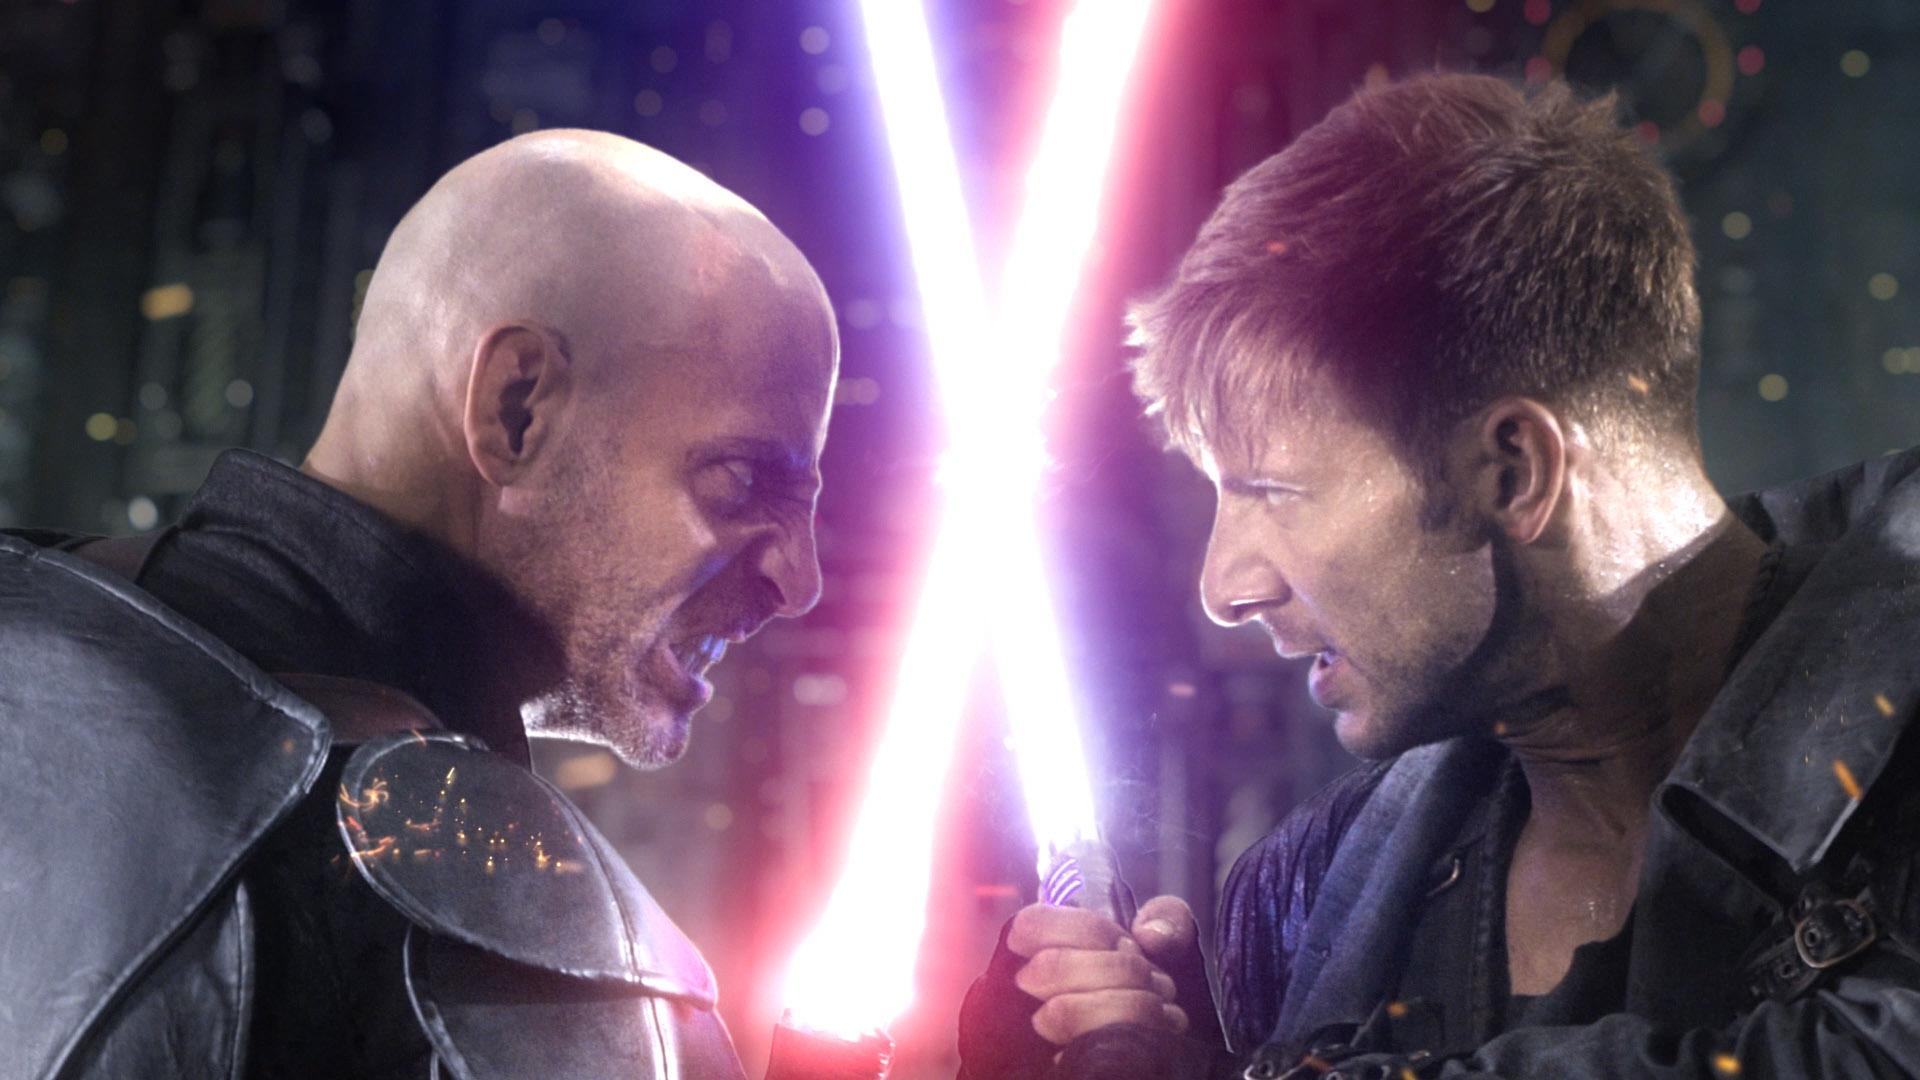 Il ritorno di Dark Resurrection: la trilogia italiana ispirata a Star Wars giunge alla sua conclusione con Keepers of the Force.